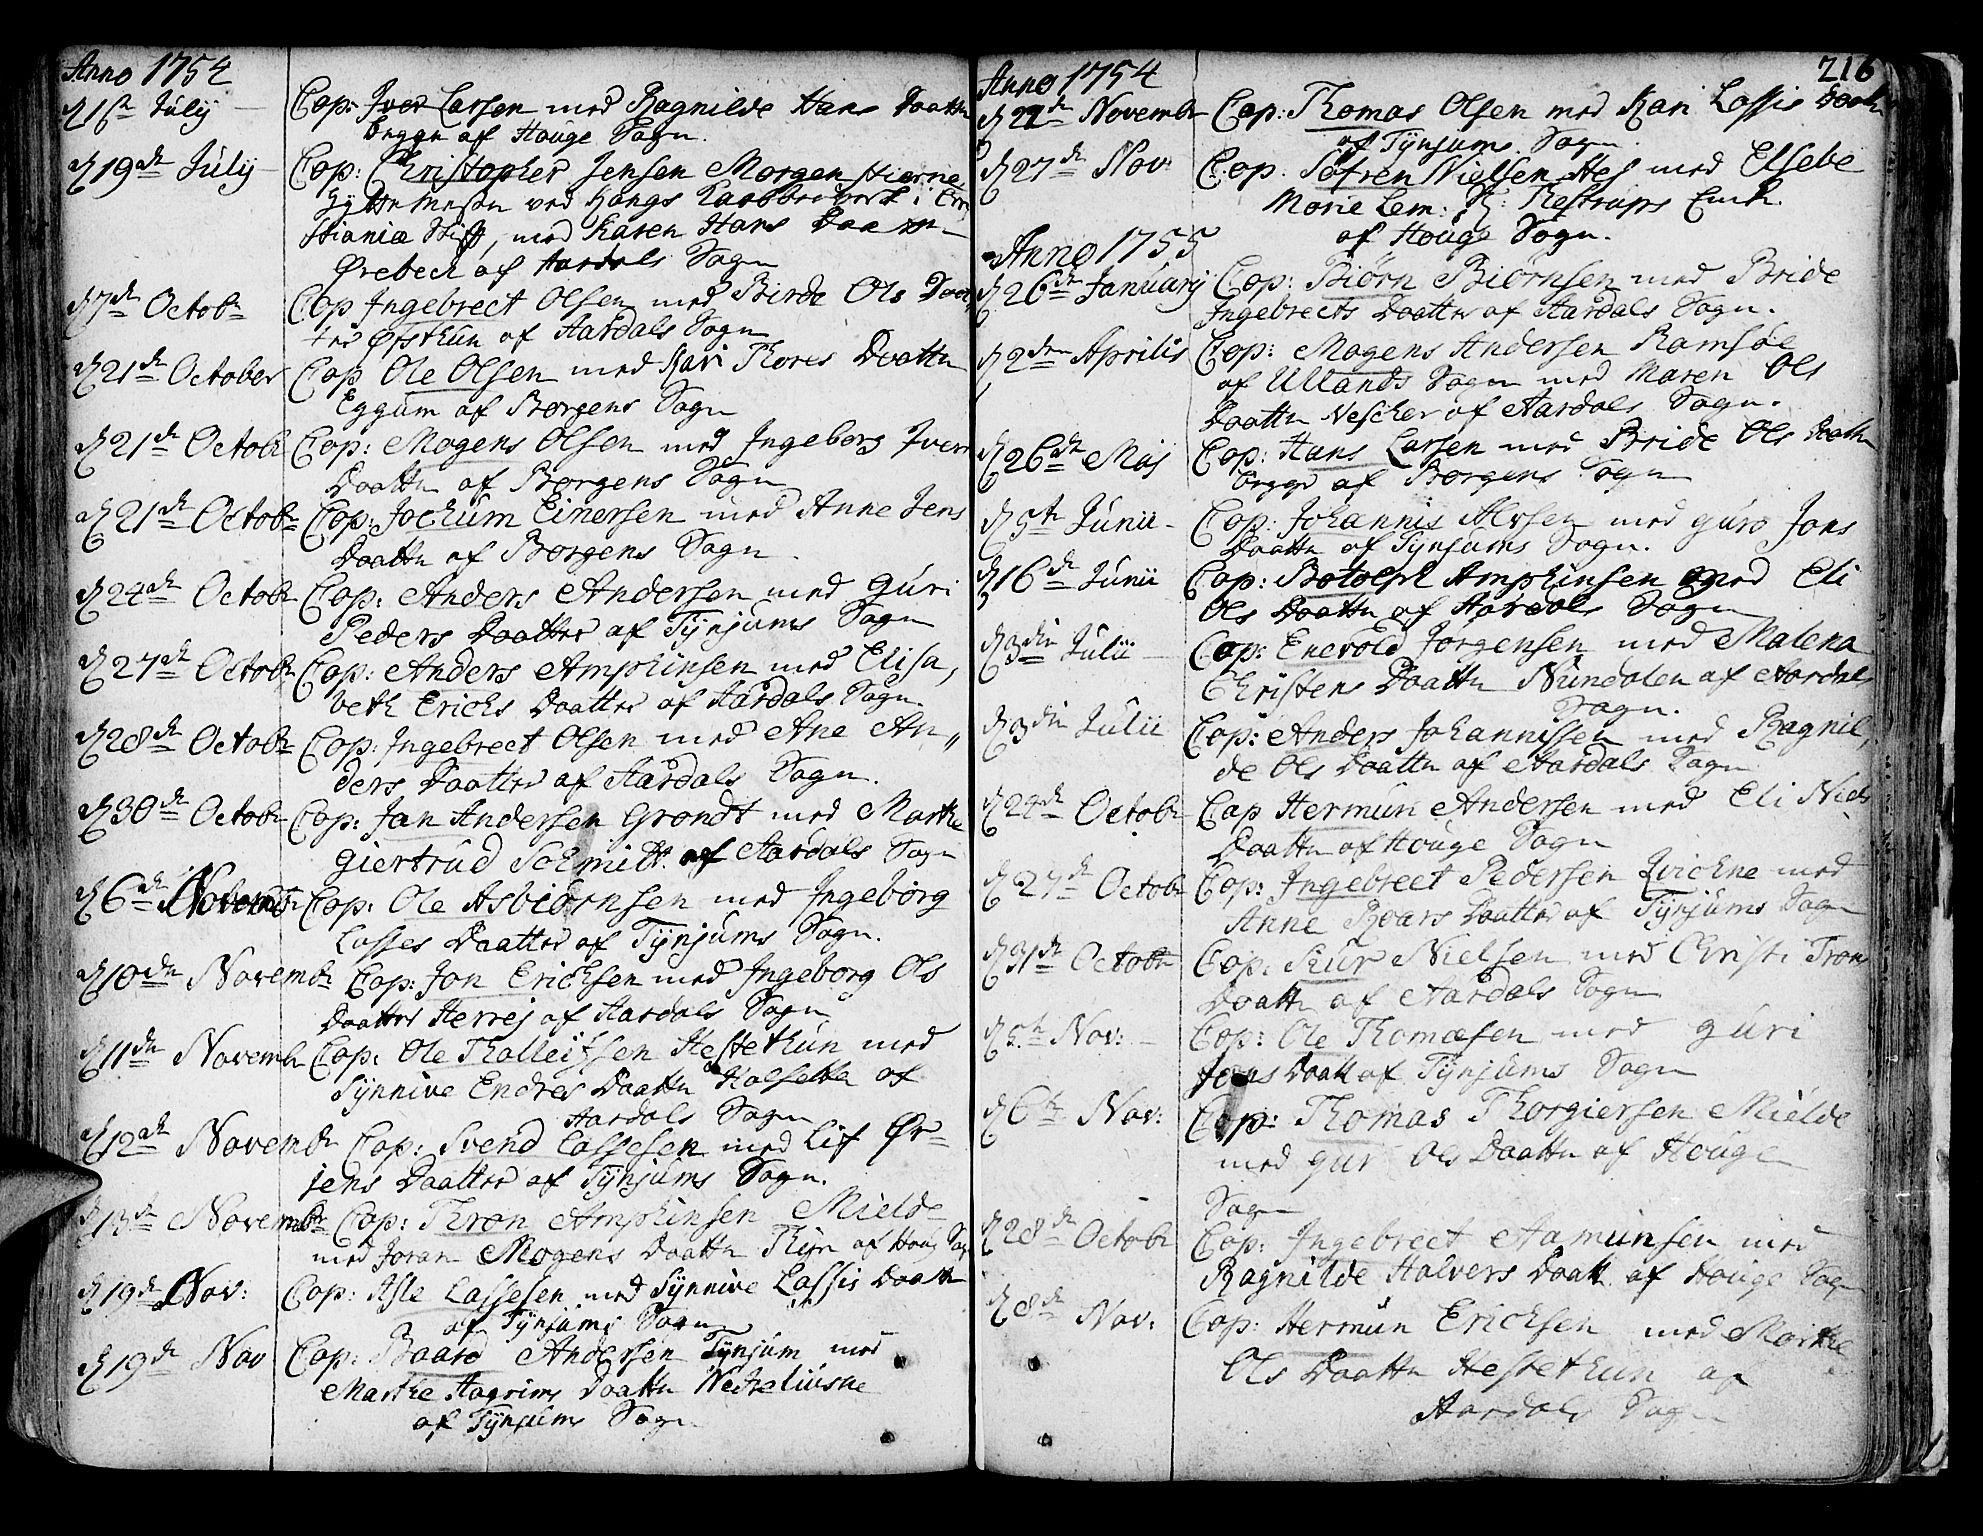 SAB, Lærdal sokneprestembete, Ministerialbok nr. A 2, 1752-1782, s. 216